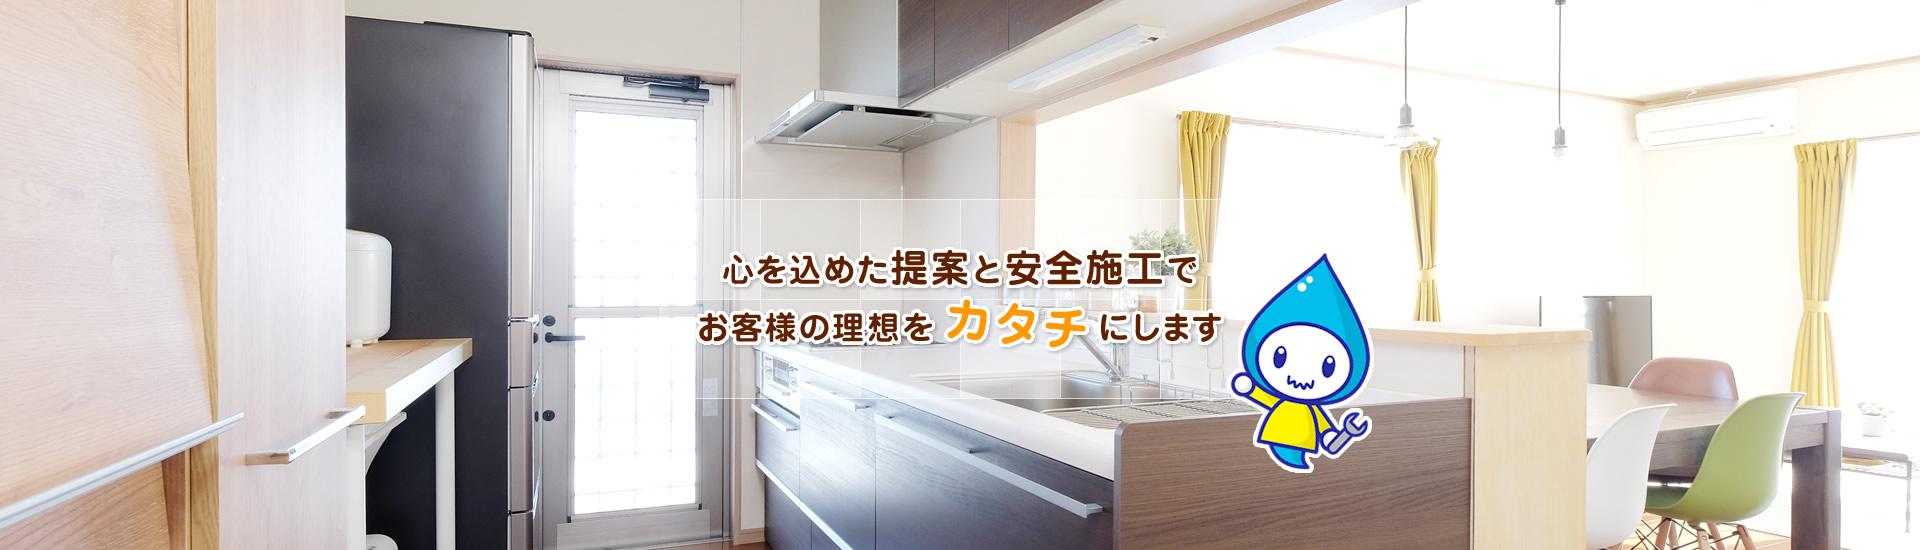 小野谷住宅設備